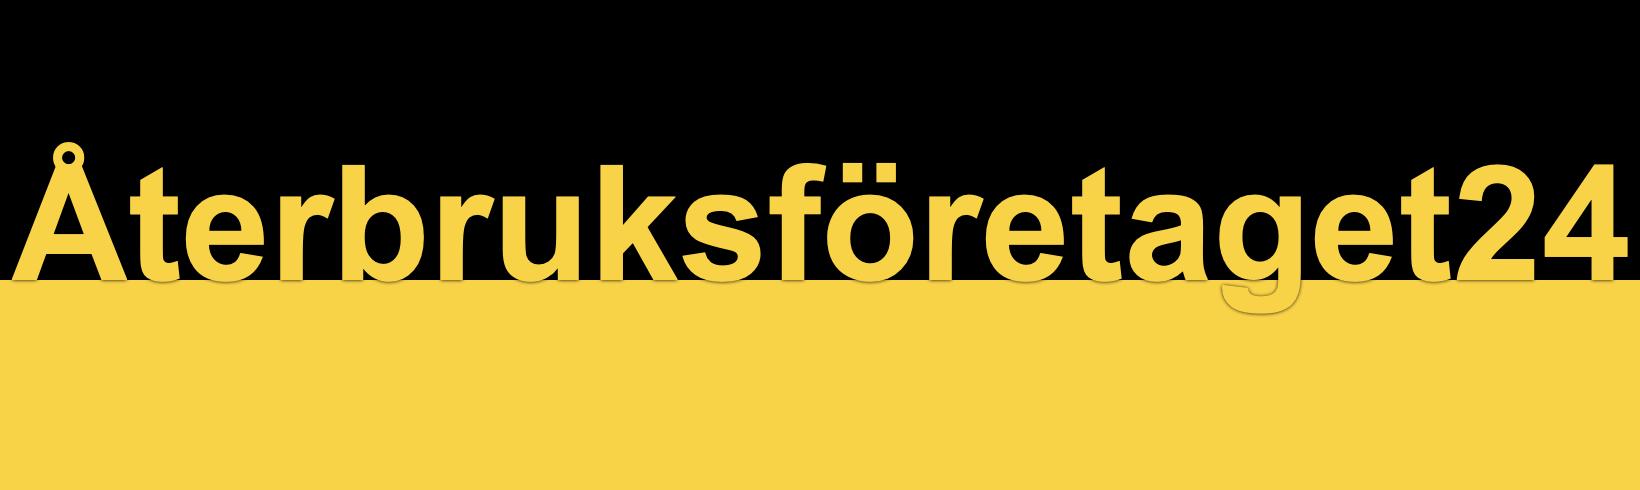 Text Återbruksföretaget24 på svart och gul botten